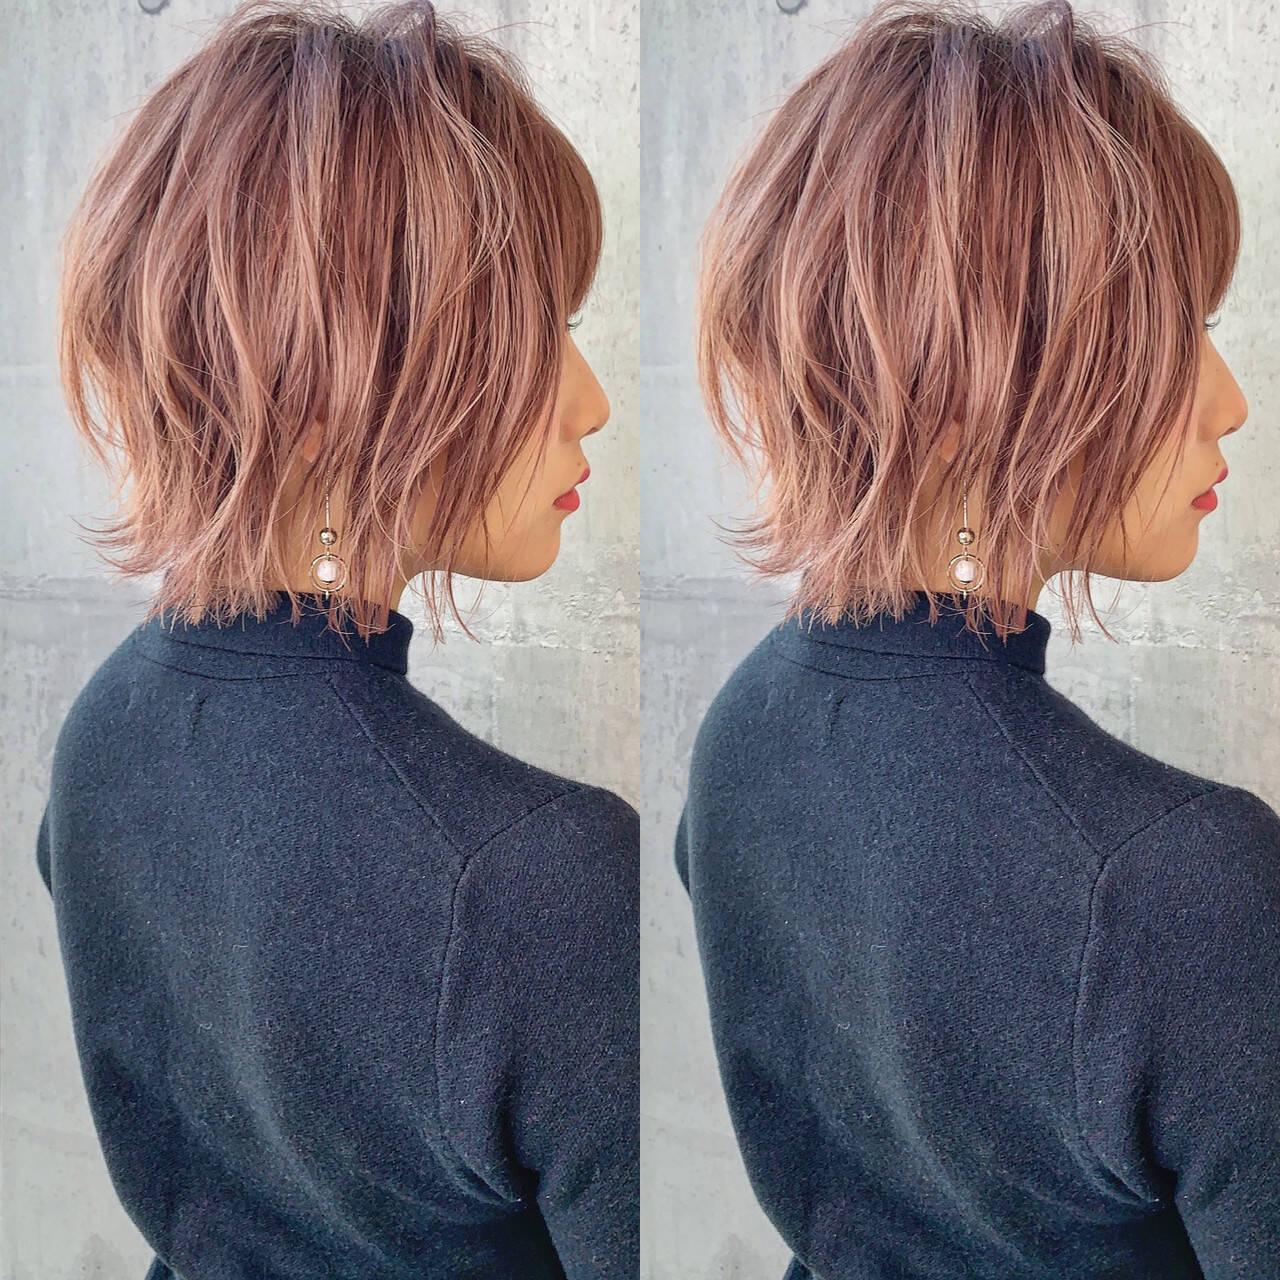 ヘアカラー ピンクアッシュ 切りっぱなしボブ ボブヘアスタイルや髪型の写真・画像